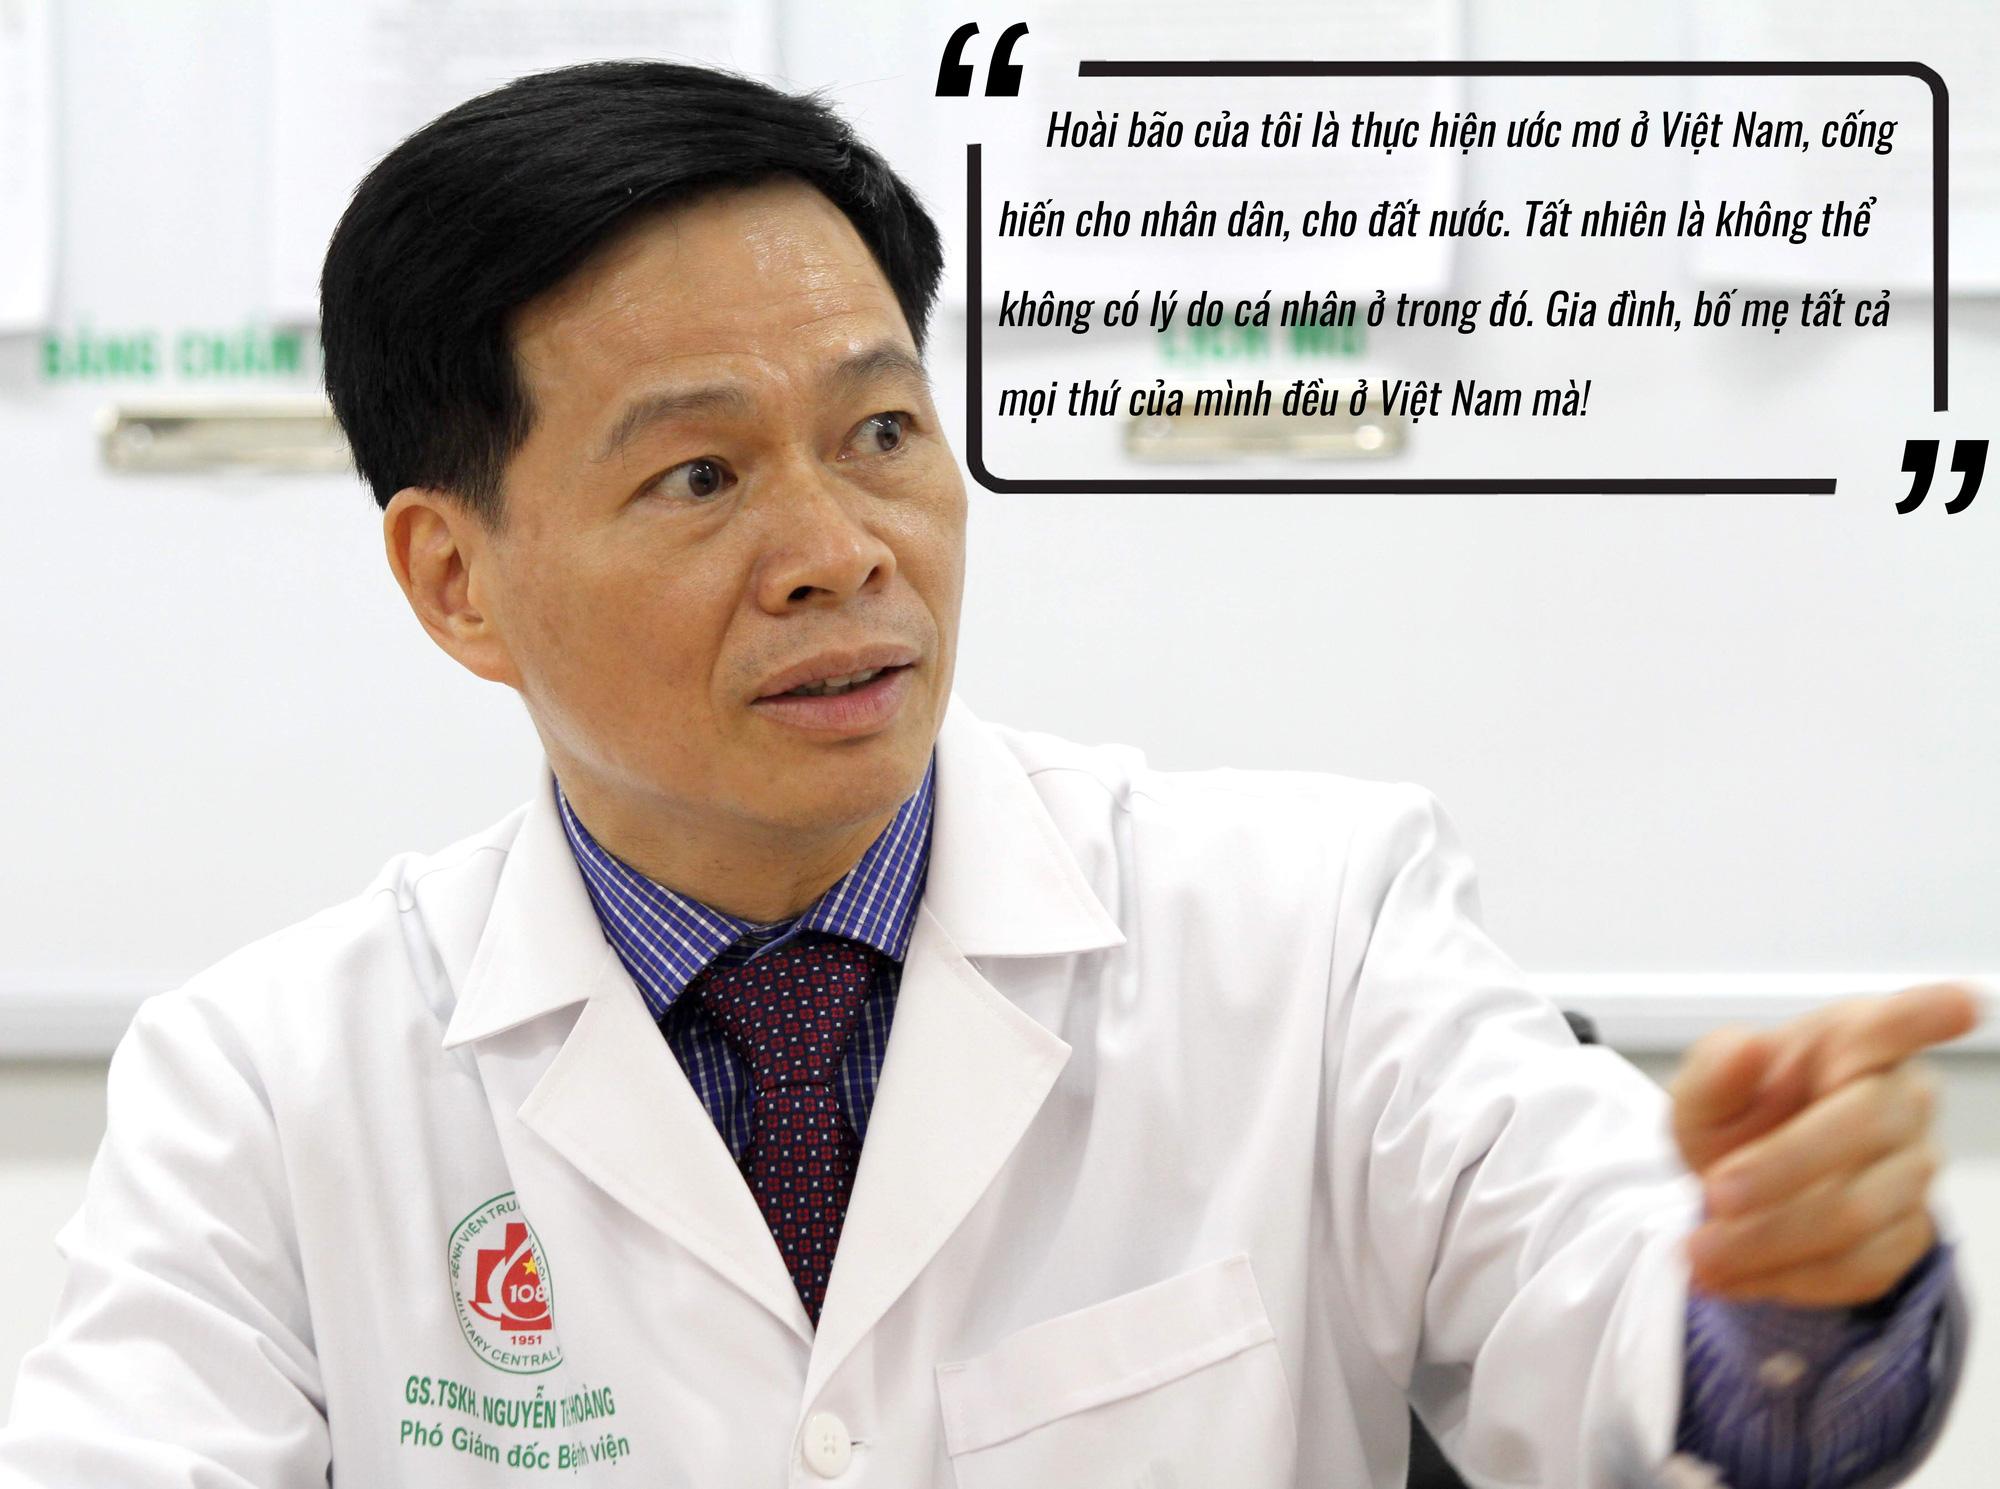 Kỳ tích bác sĩ Việt: Chuyện chưa kể về ca ghép chi đầu tiên trên thế giới từ người cho còn sống - Ảnh 13.